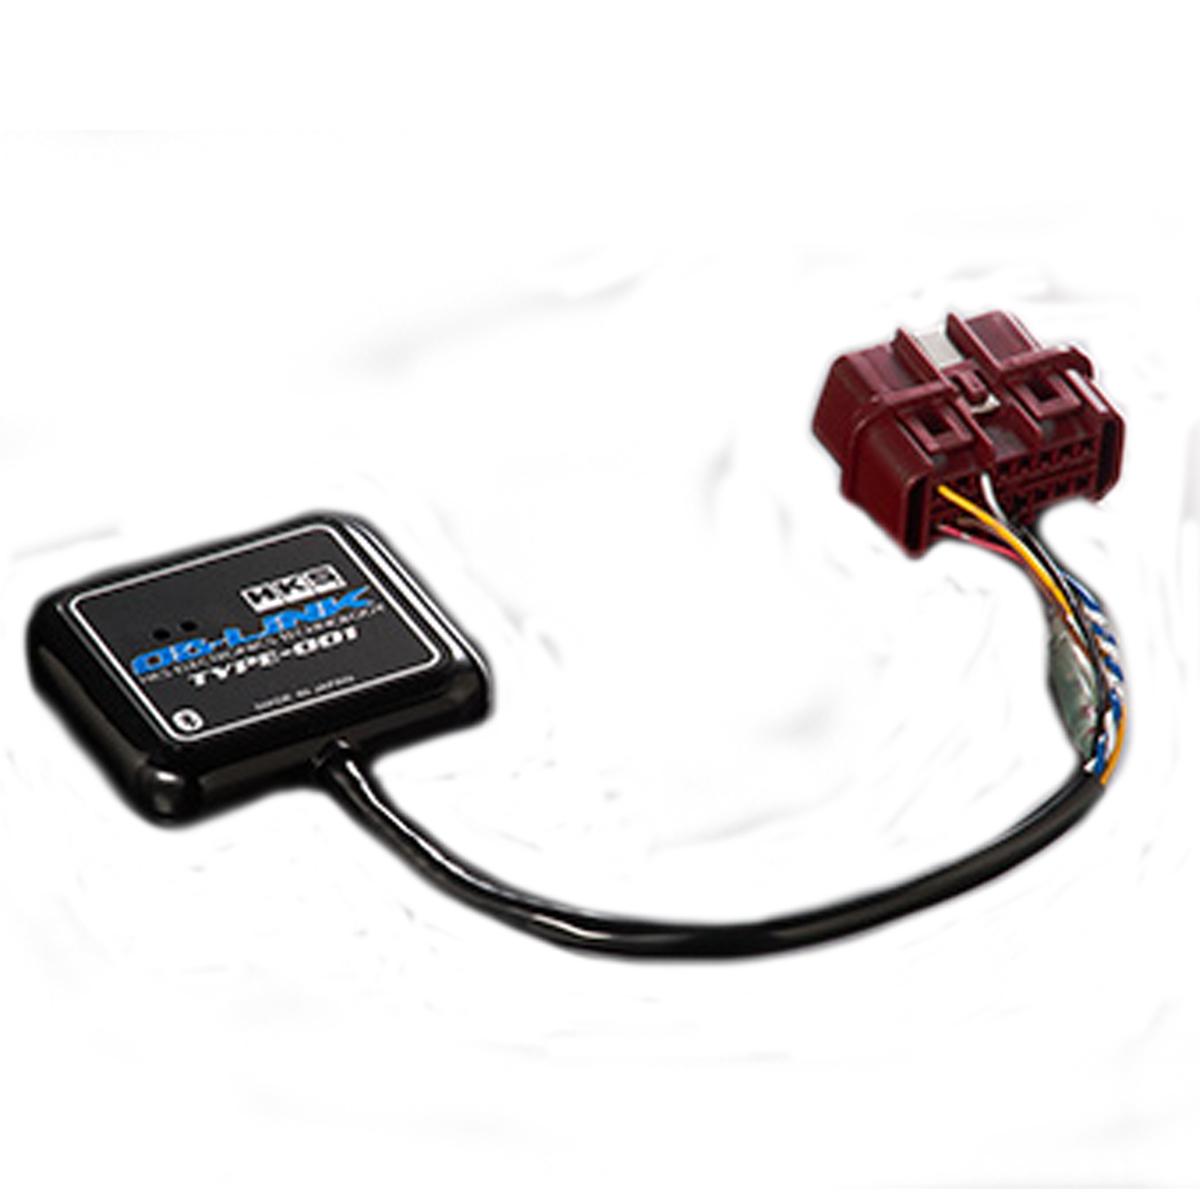 オデッセイ モニター OBリンク タイプ 001 RA9 HKS 44009-AK002 エレクトリニクス